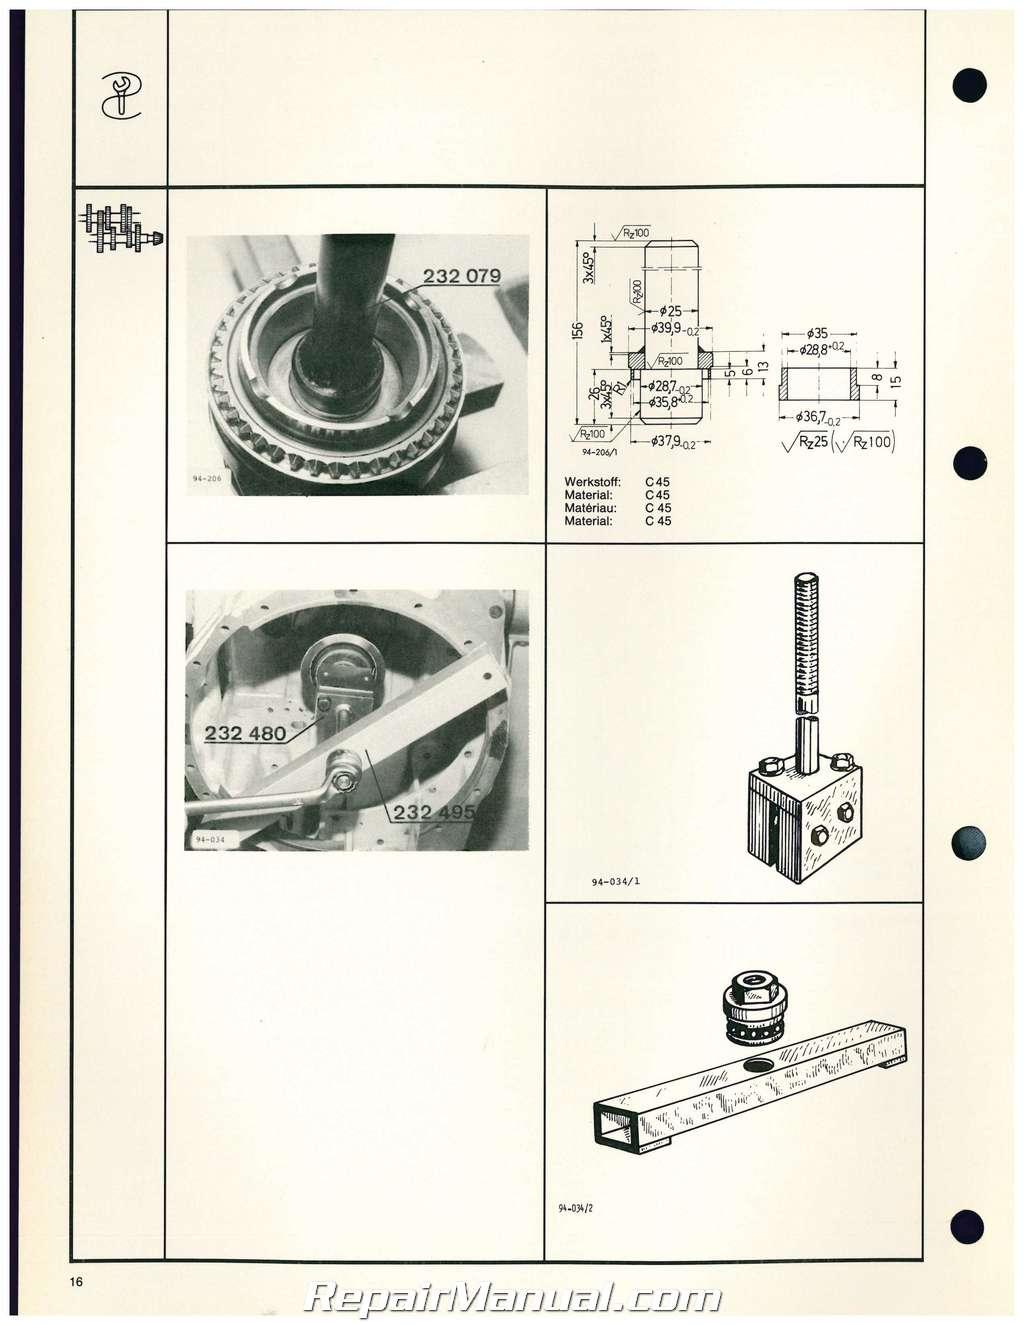 deutz allis model dx120 transmission service manual rh repairmanual com Deutz Diesel Parts List Deutz Diesel Engine Service Manuals